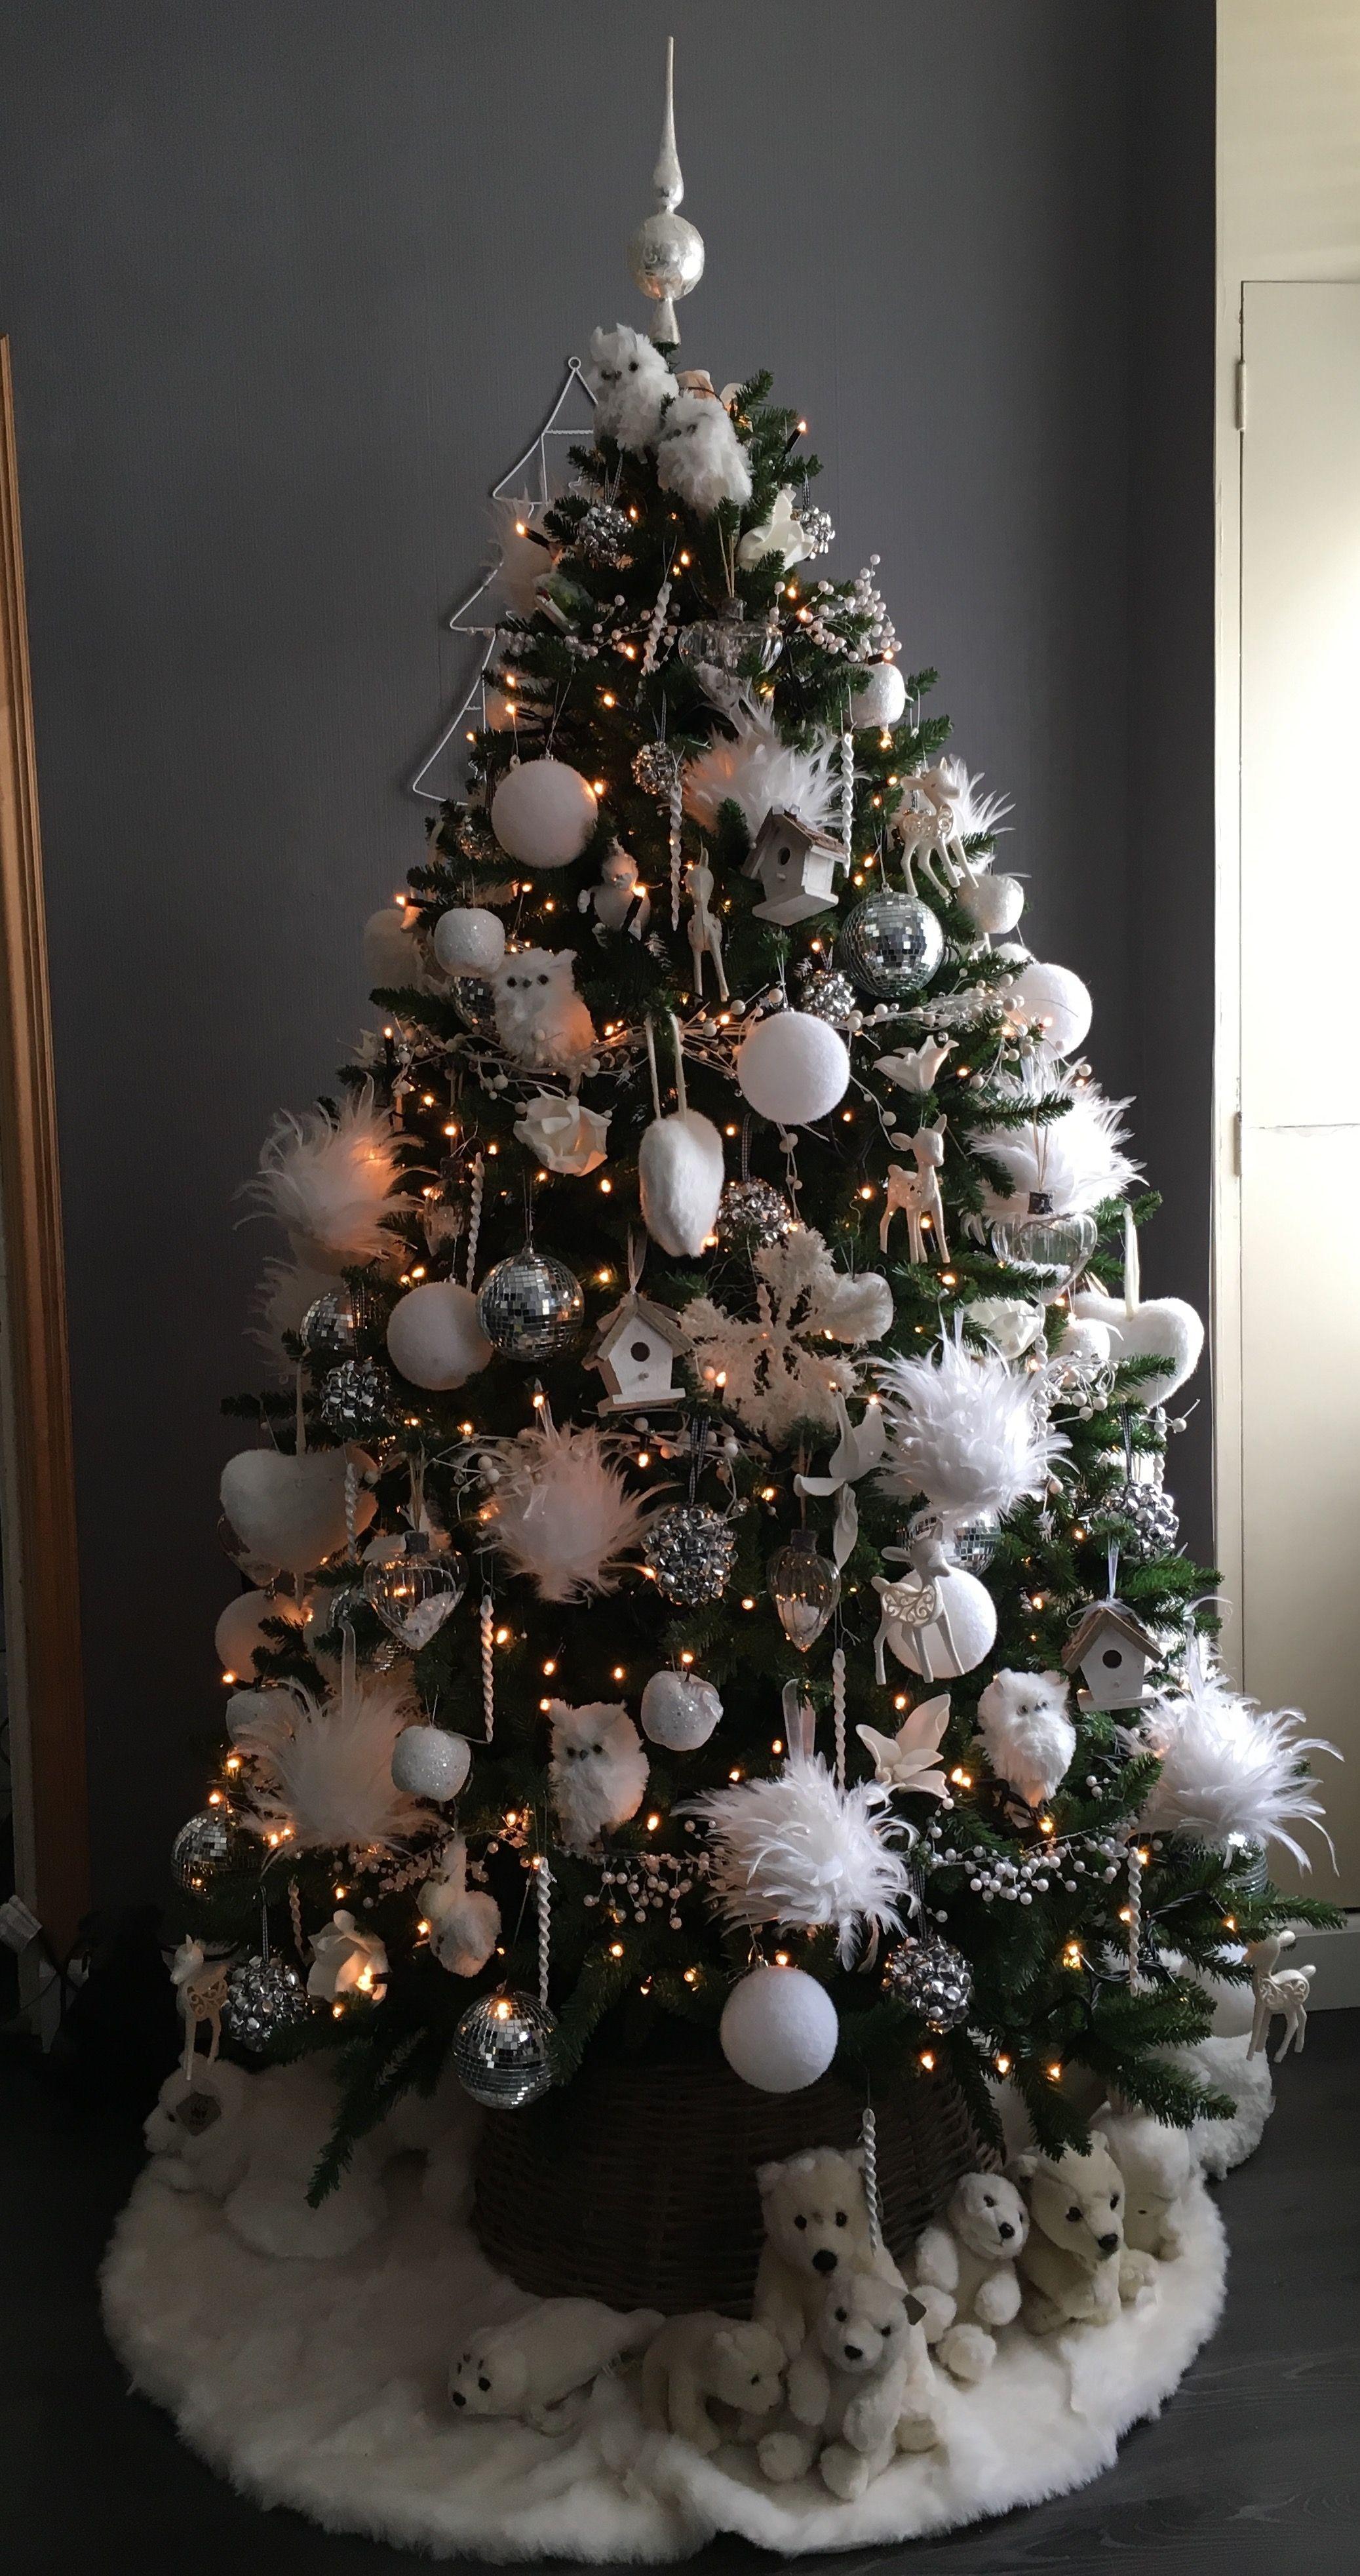 Kerstboom Wit Met Disco Ballen Belletje Sneeuwballen Uilen Harten Bont Veren Balleb Parel Thema Kerstbomen Buiten Kerstversiering Kerstboom Versieringen